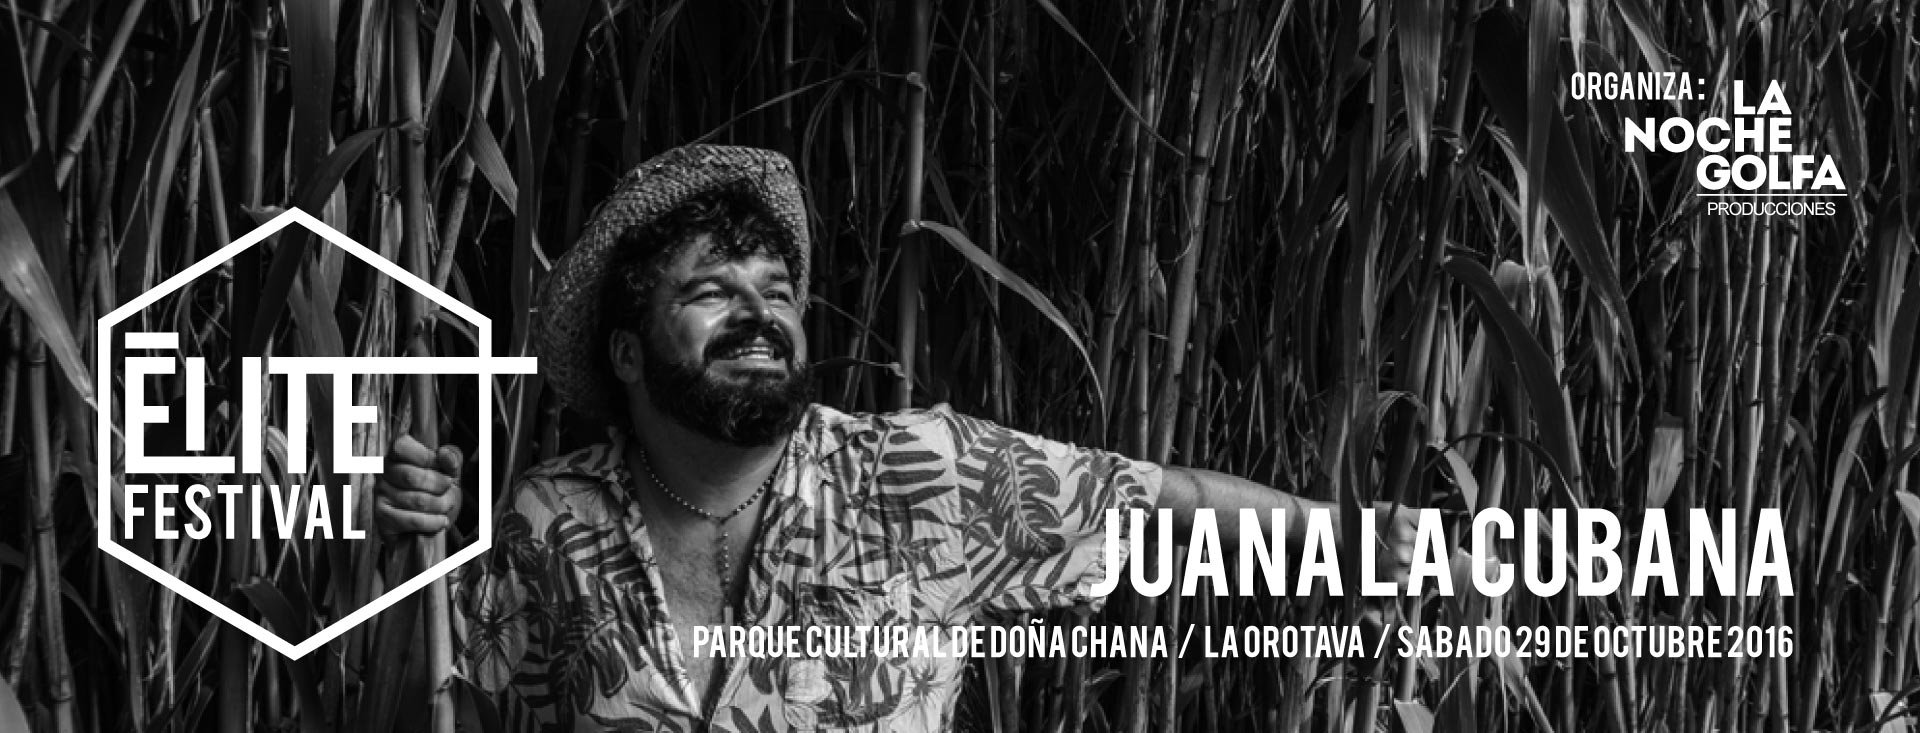 juana_la_cubana_1920